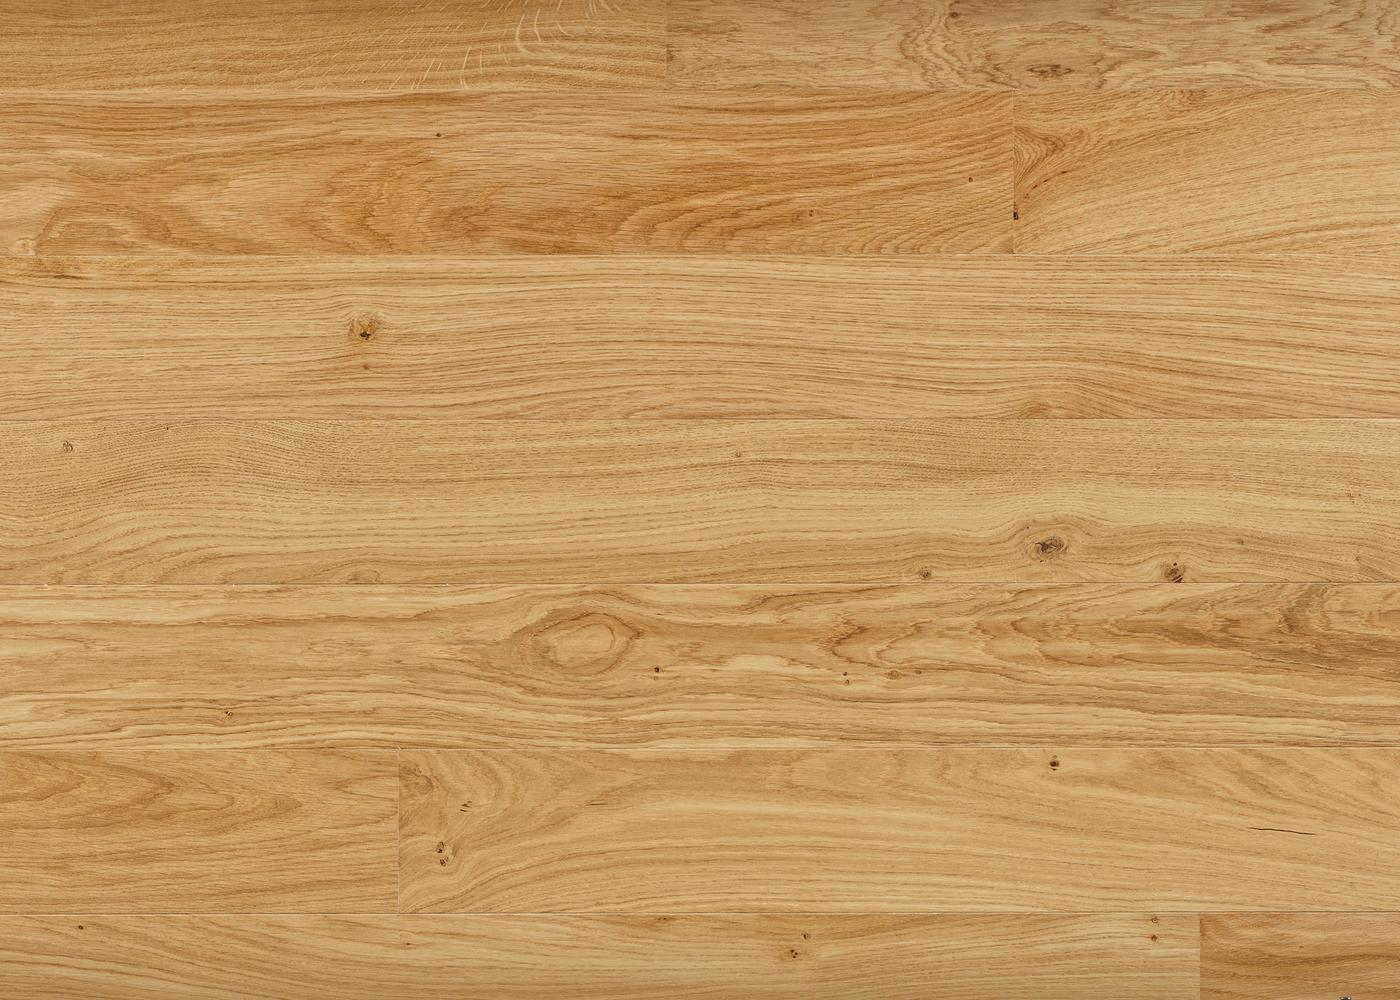 Parquet chêne contrecollé RASPAIL brossé vernis mat Elégance 14x139x1700